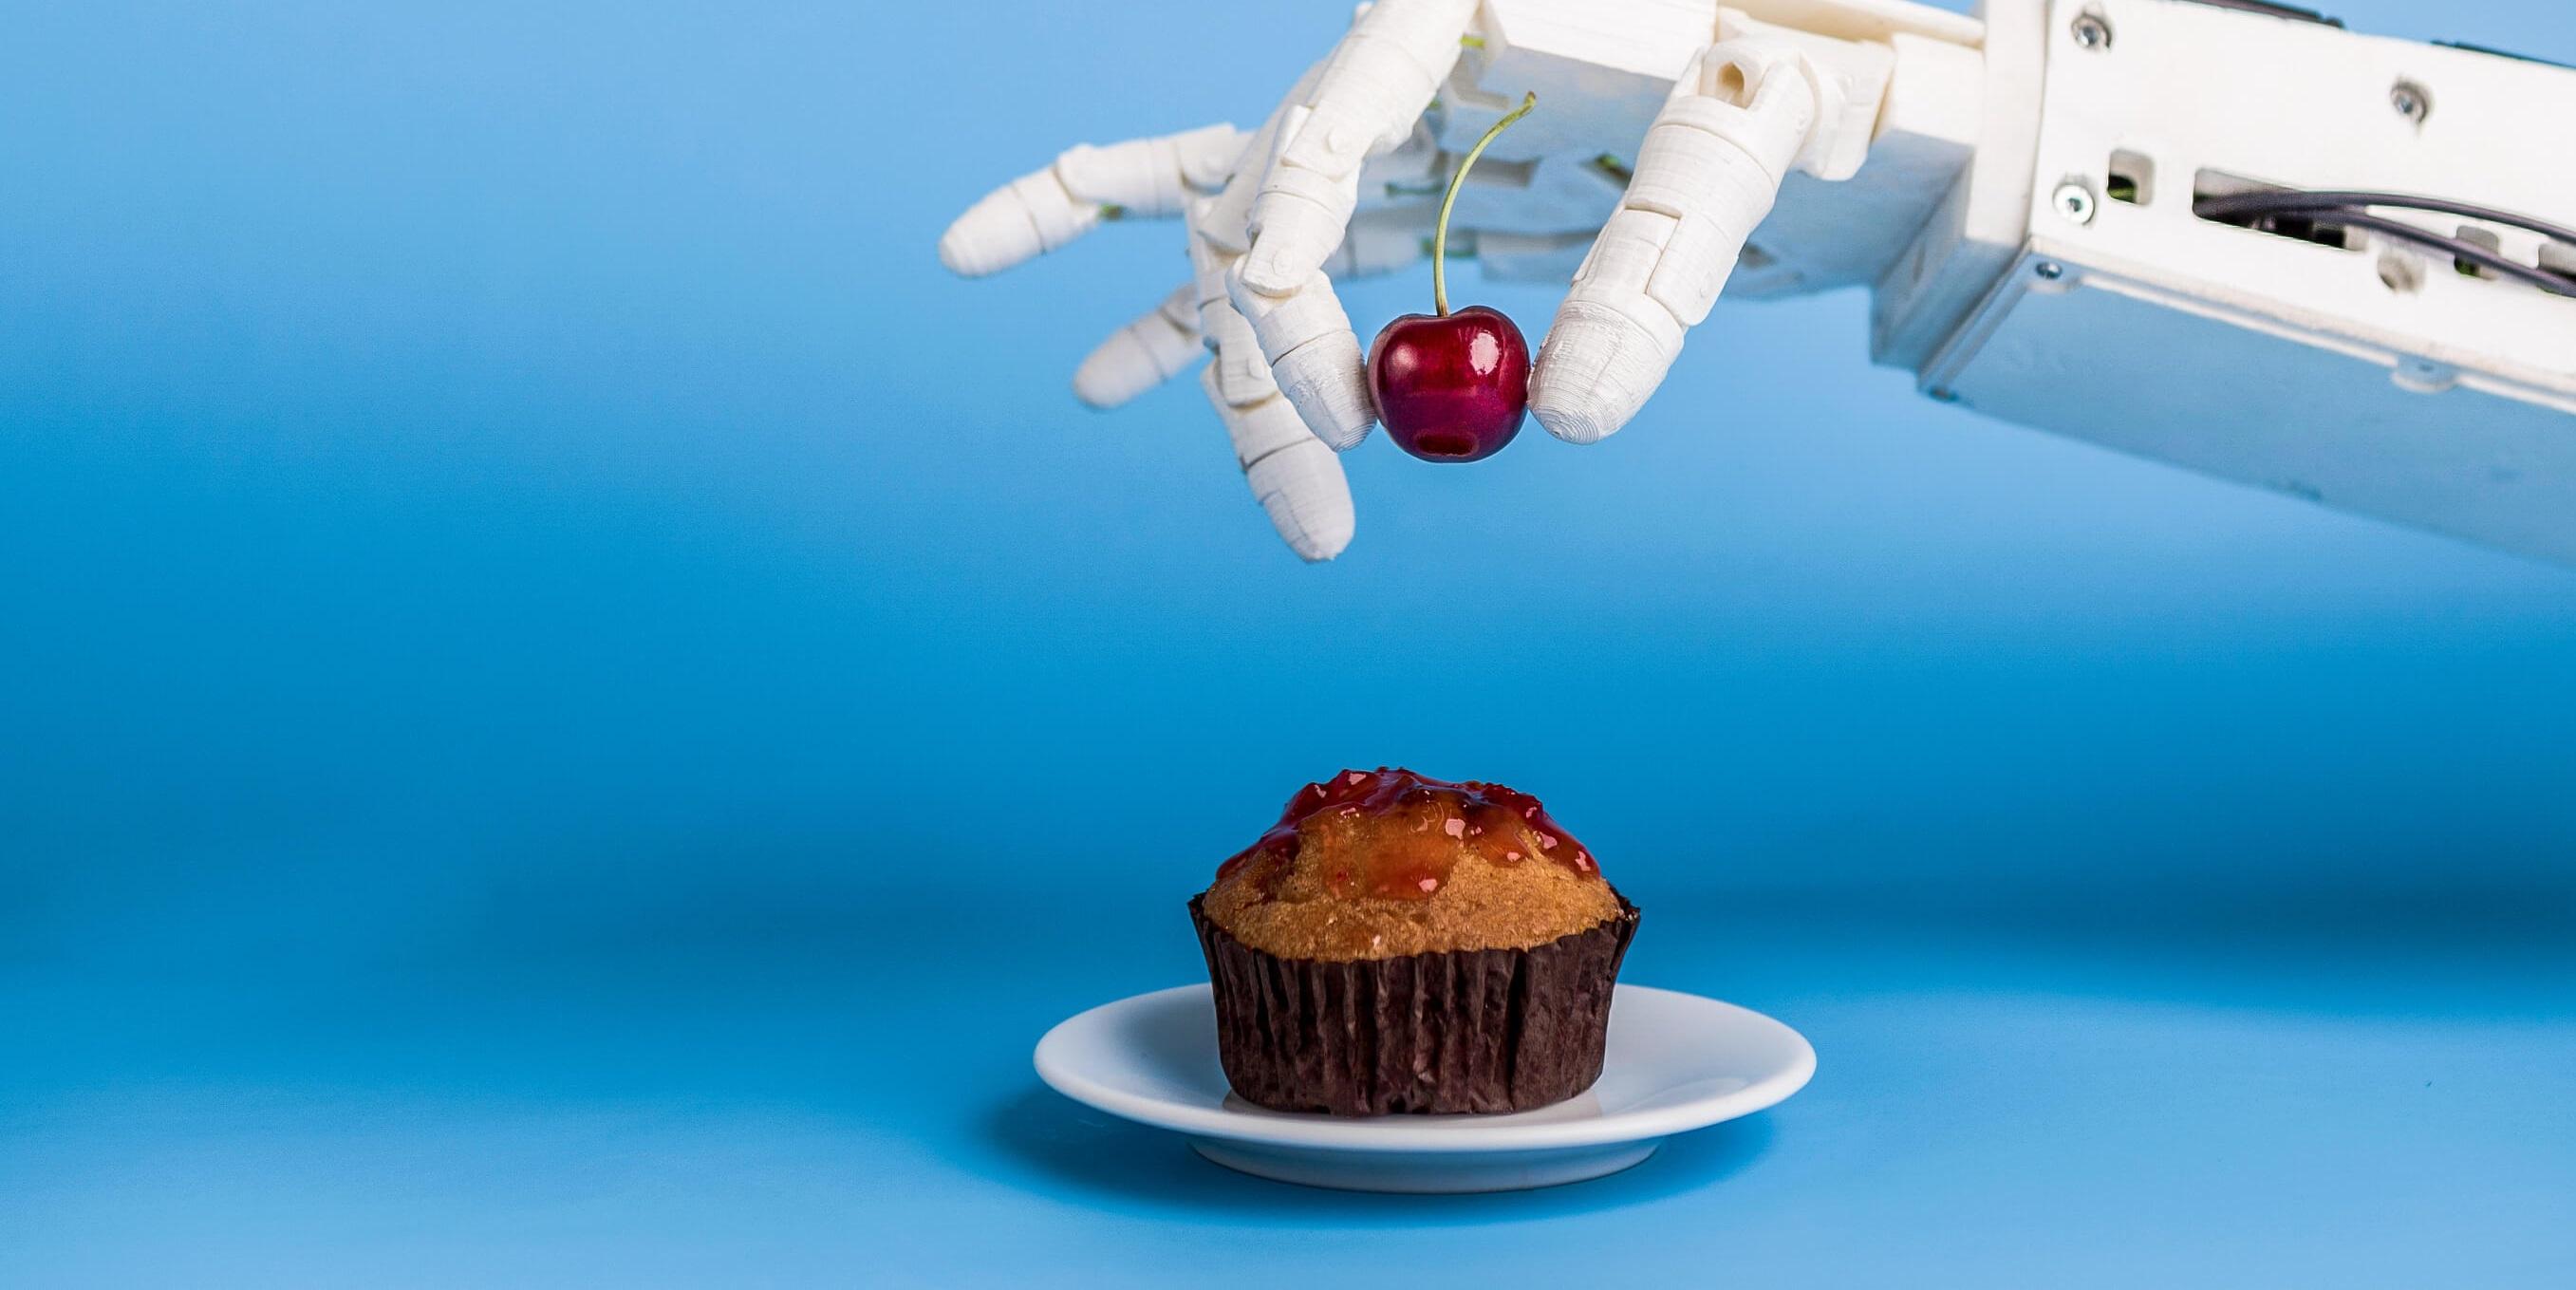 Future Food service Trends 2021